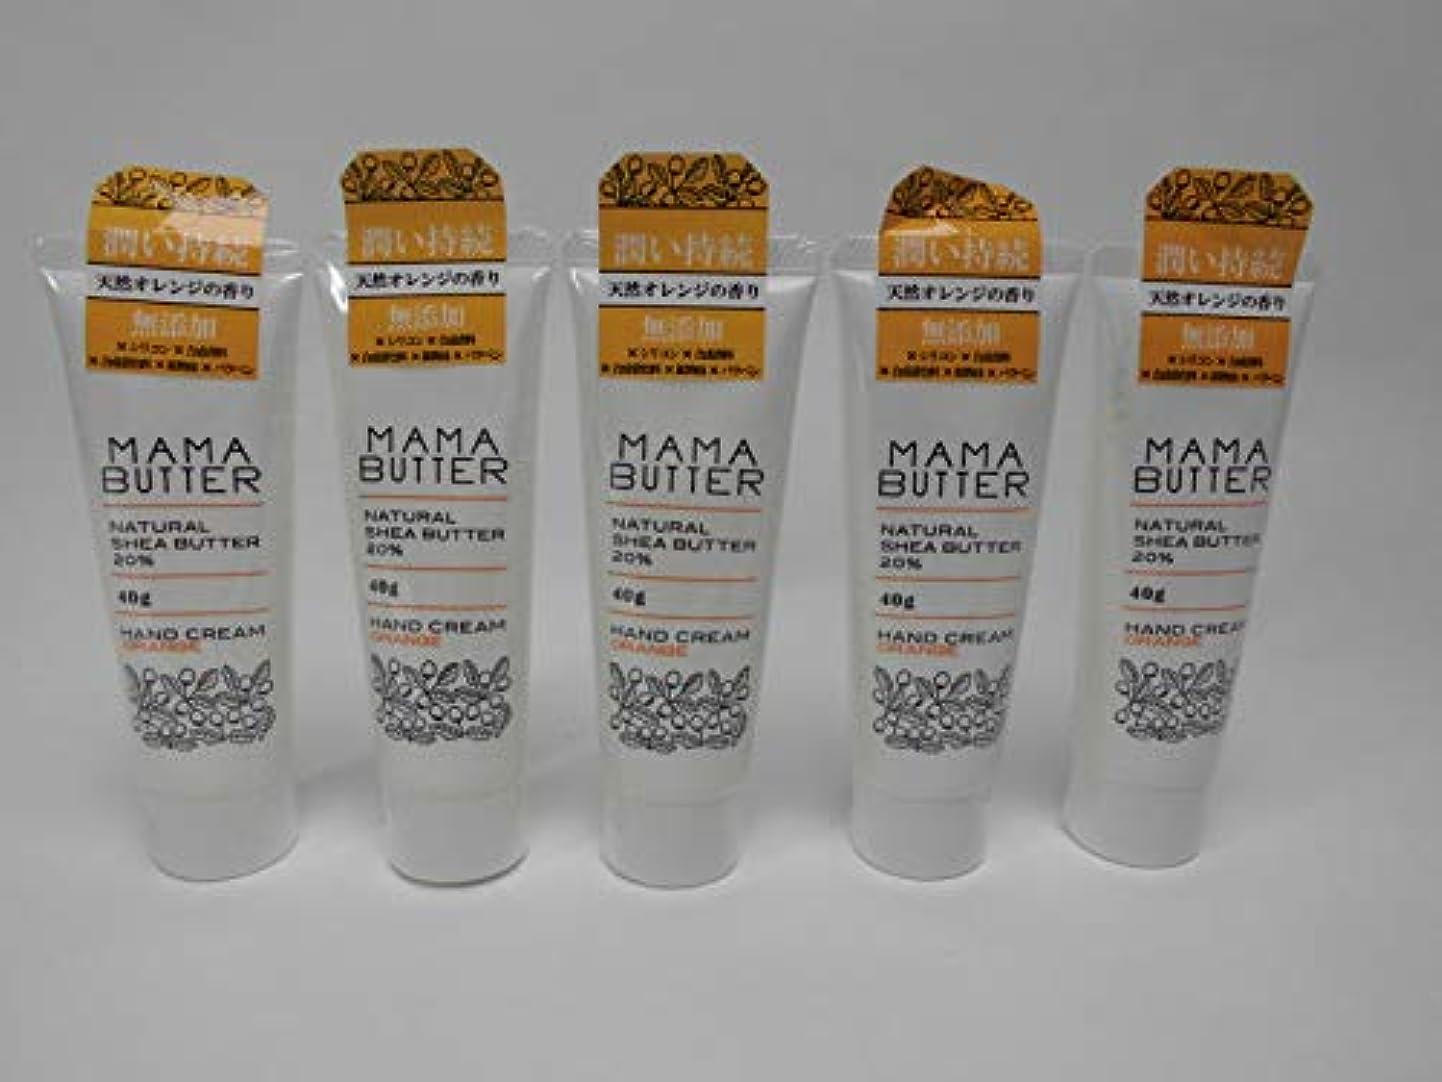 しなければならない誘う首相【5個セット】MAMA BUTTER ママバターハンドクリームオレンジ40g(定価1058円)×5個